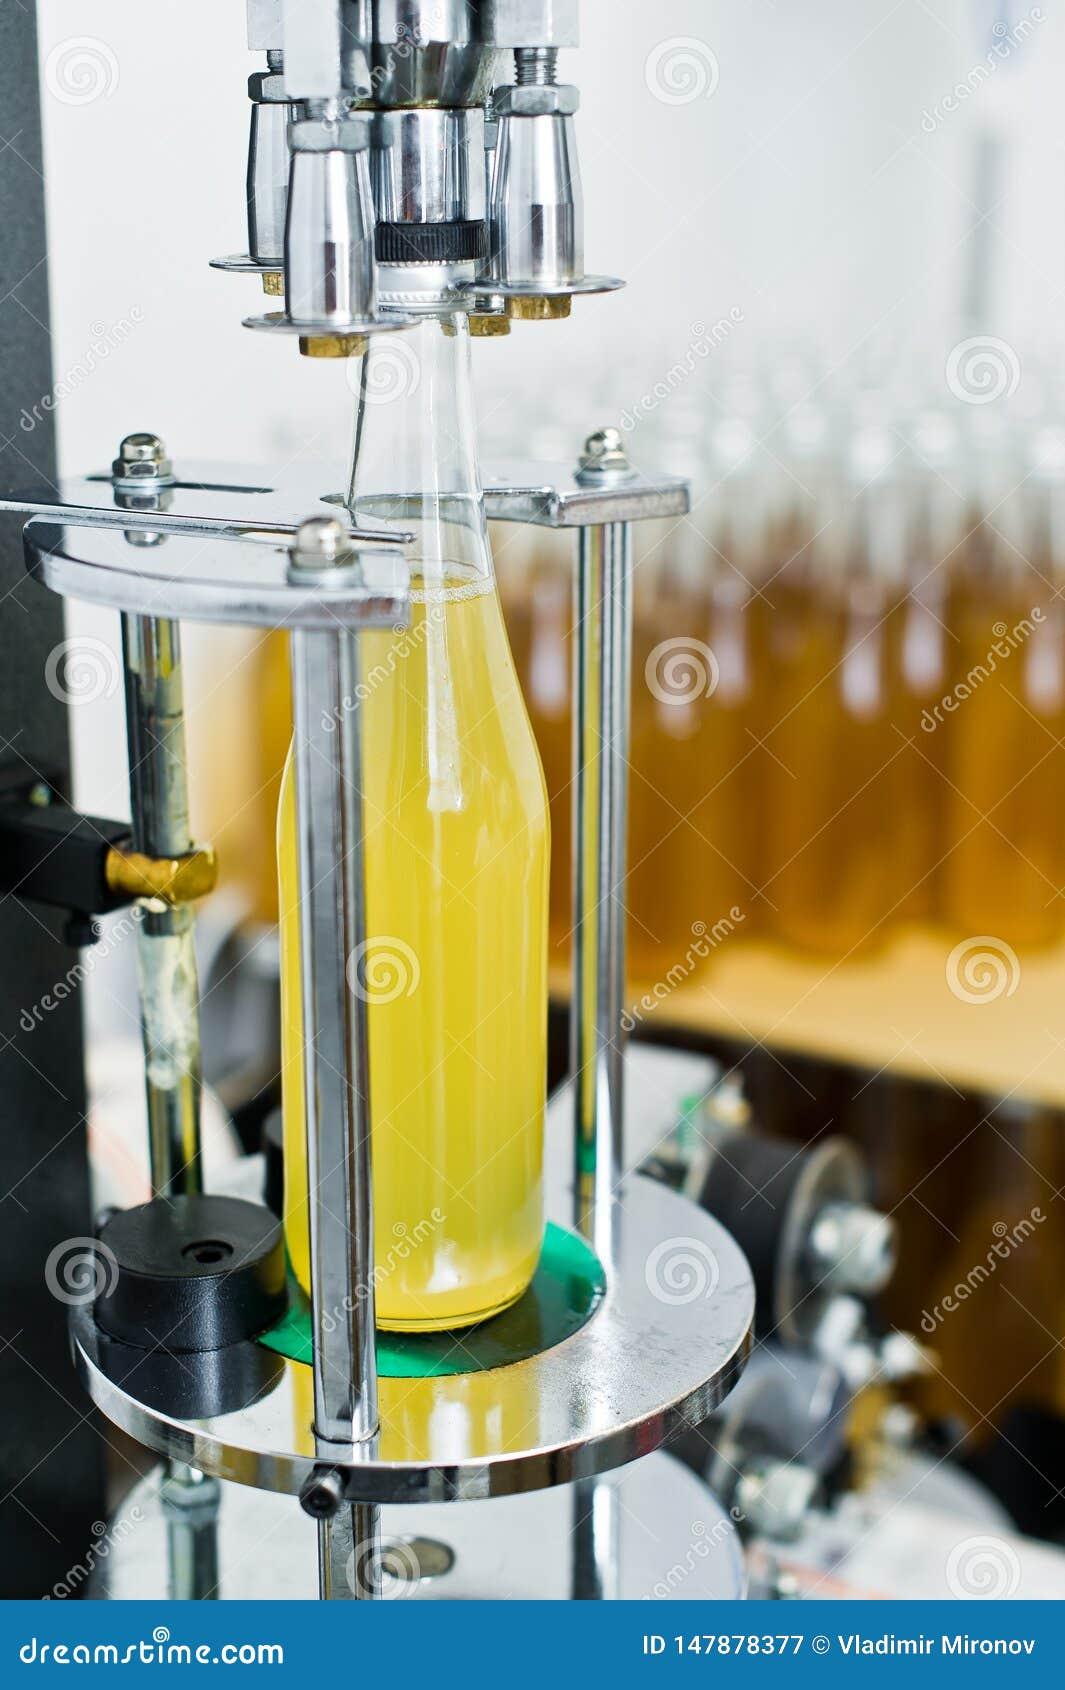 Bottelende fabriek - Bier bottellijn voor verwerking en bottelend bier in flessen